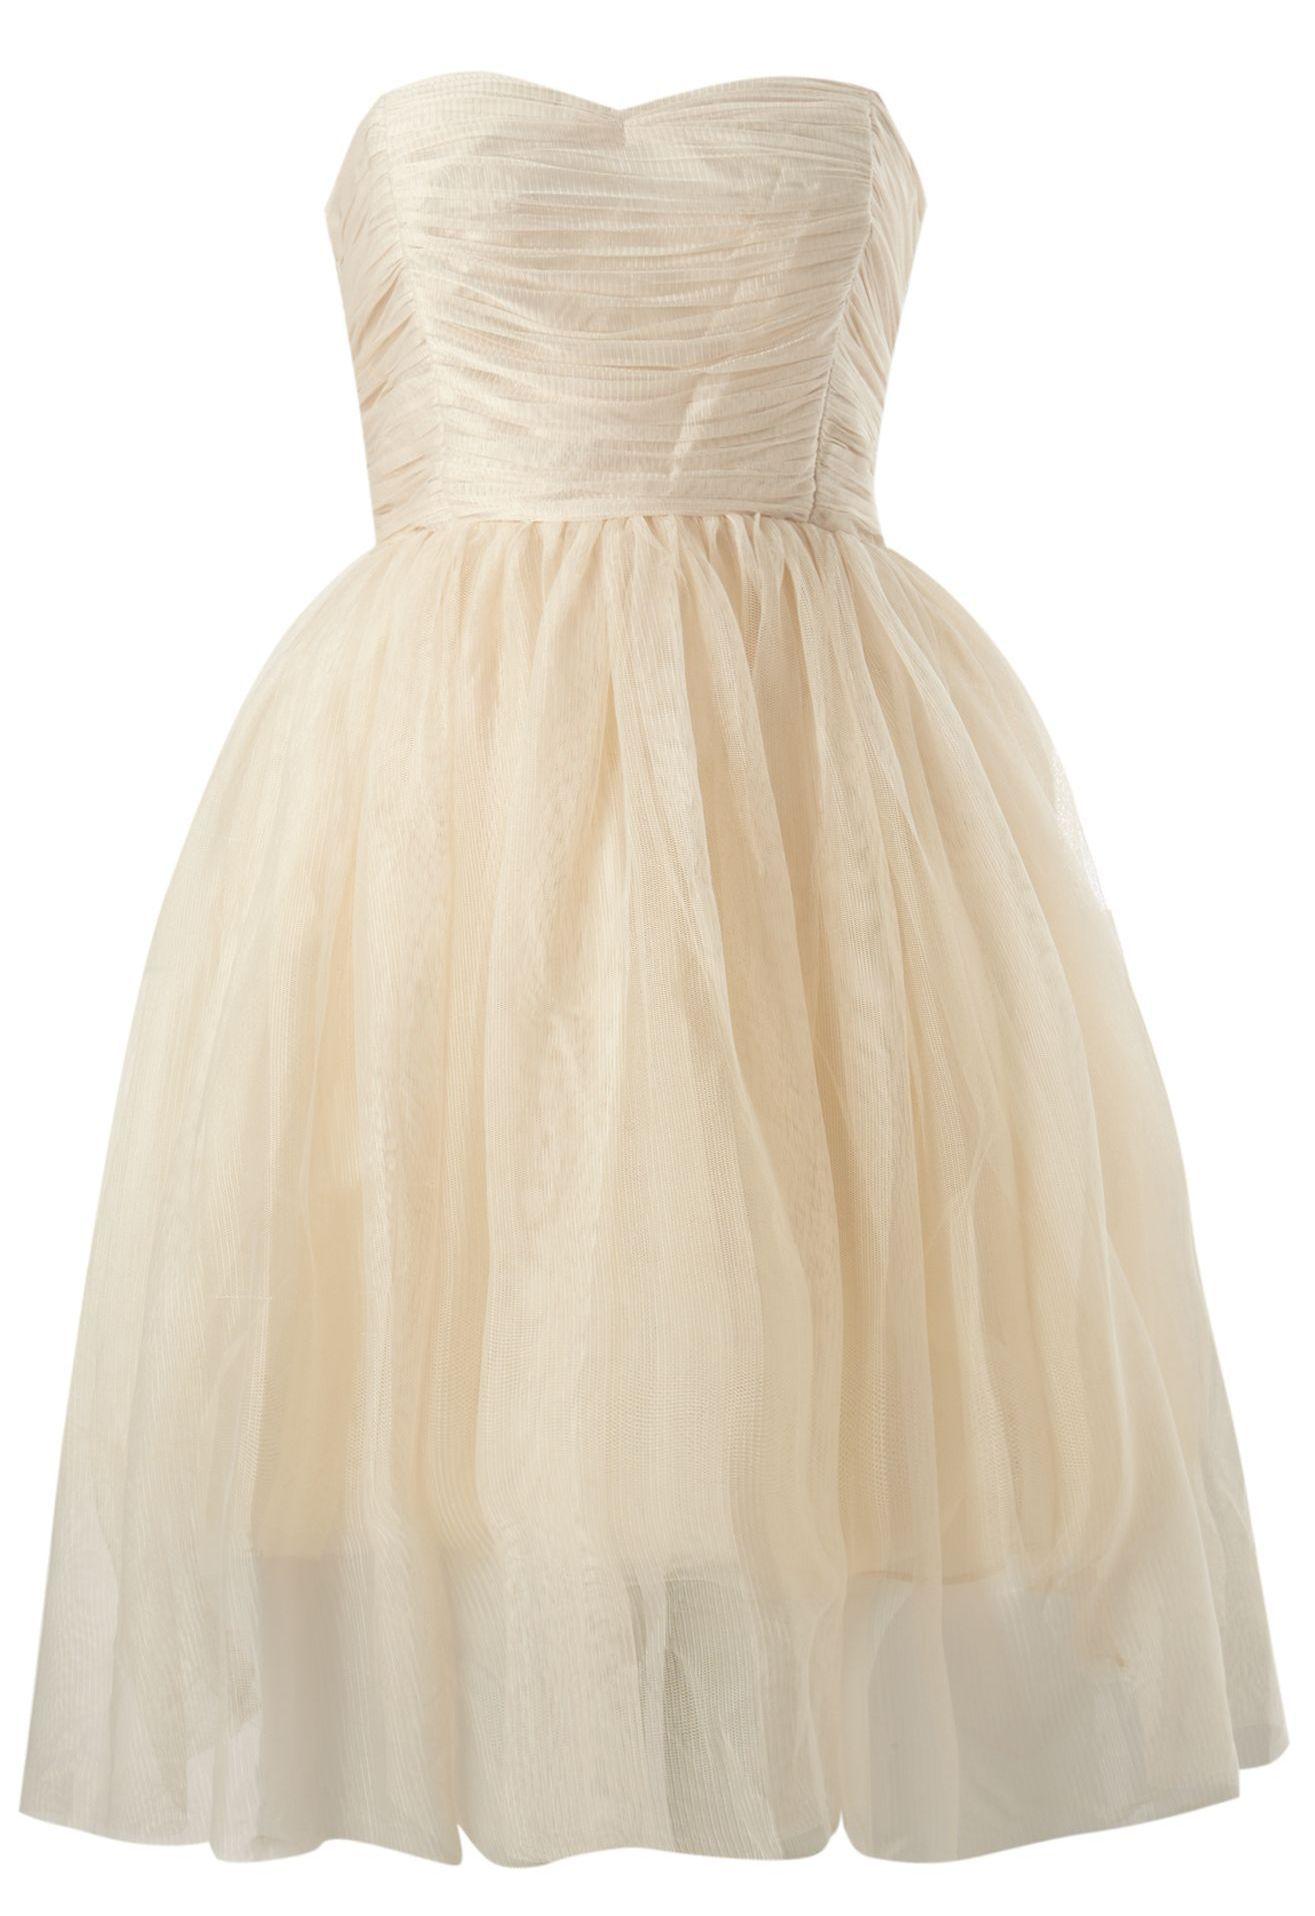 eff3dfaac5a5 Vero Moda 50`S Prom Corsage Style Dress | DRESSES I adore | Prom ...